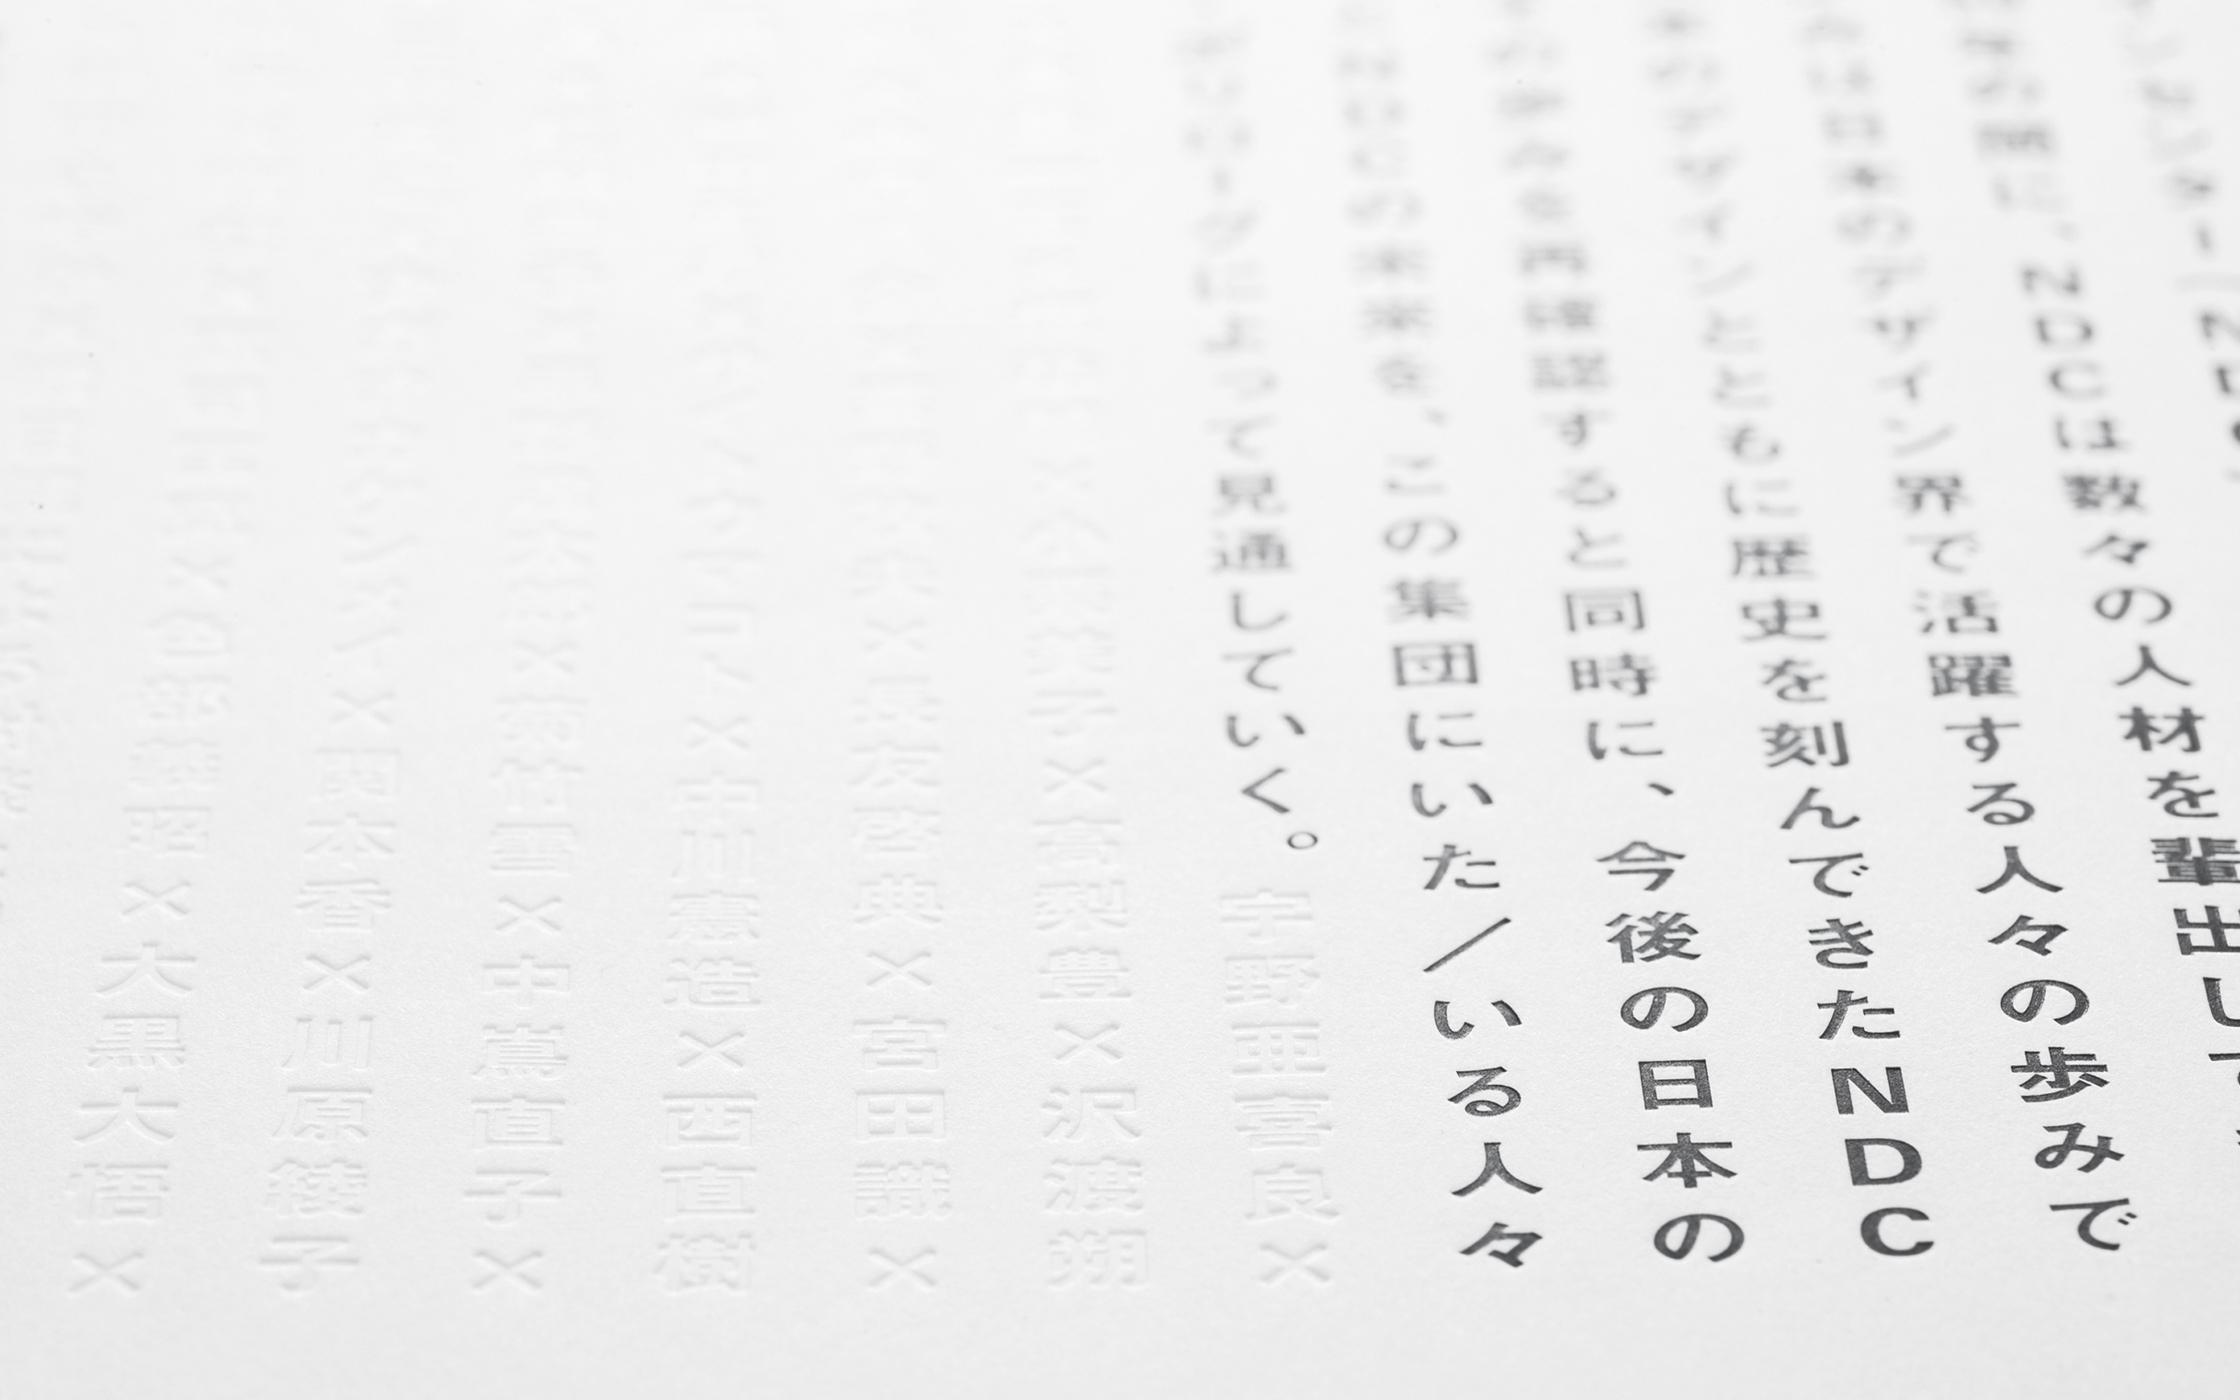 『デザインのポリローグ 日本デザインセンターの50年』